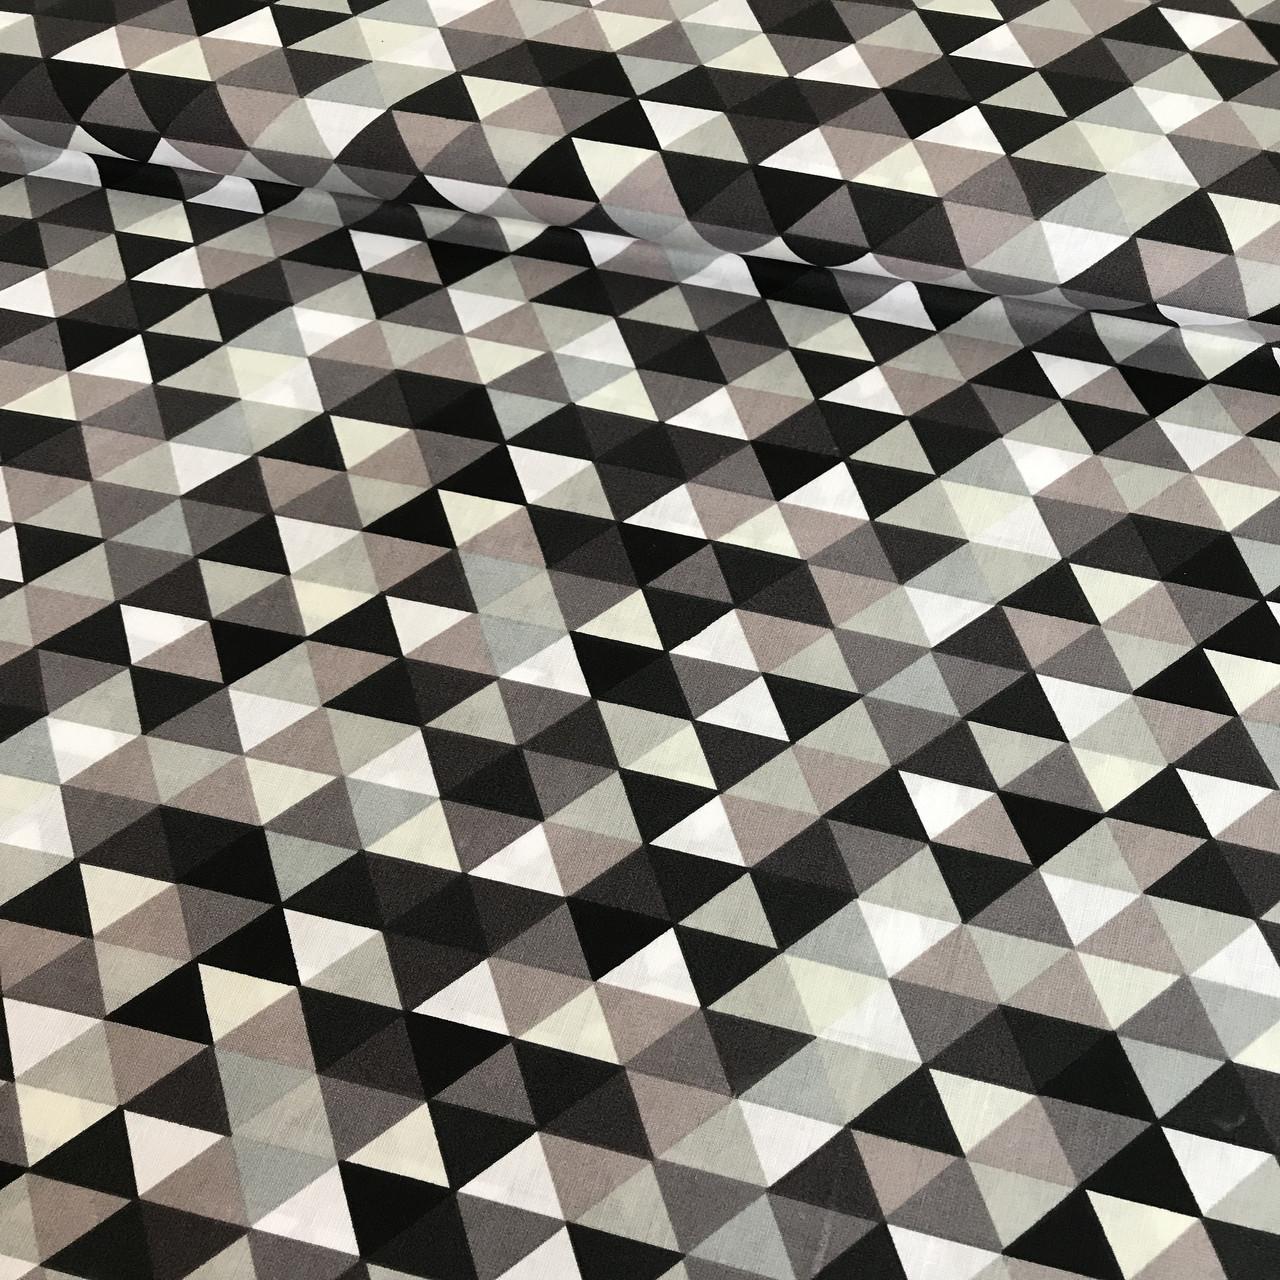 Бавовняна дитяча бязь польська трикутники дрібні бежеві, сірі, графітові №60